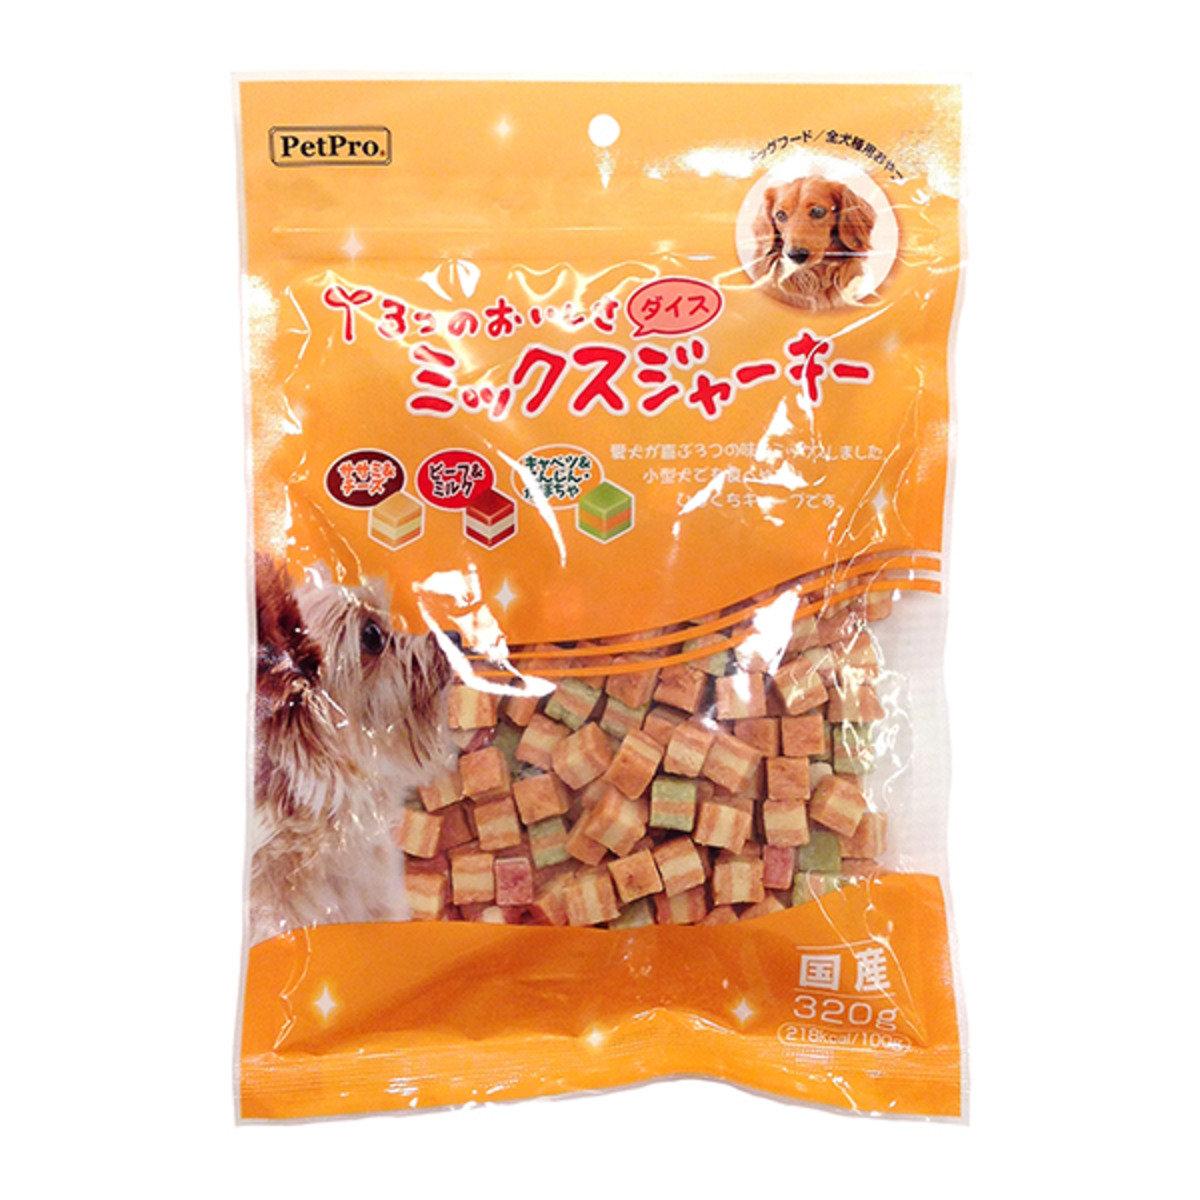 日本 PETPRO 雞牛芝士雜菜粒 320g